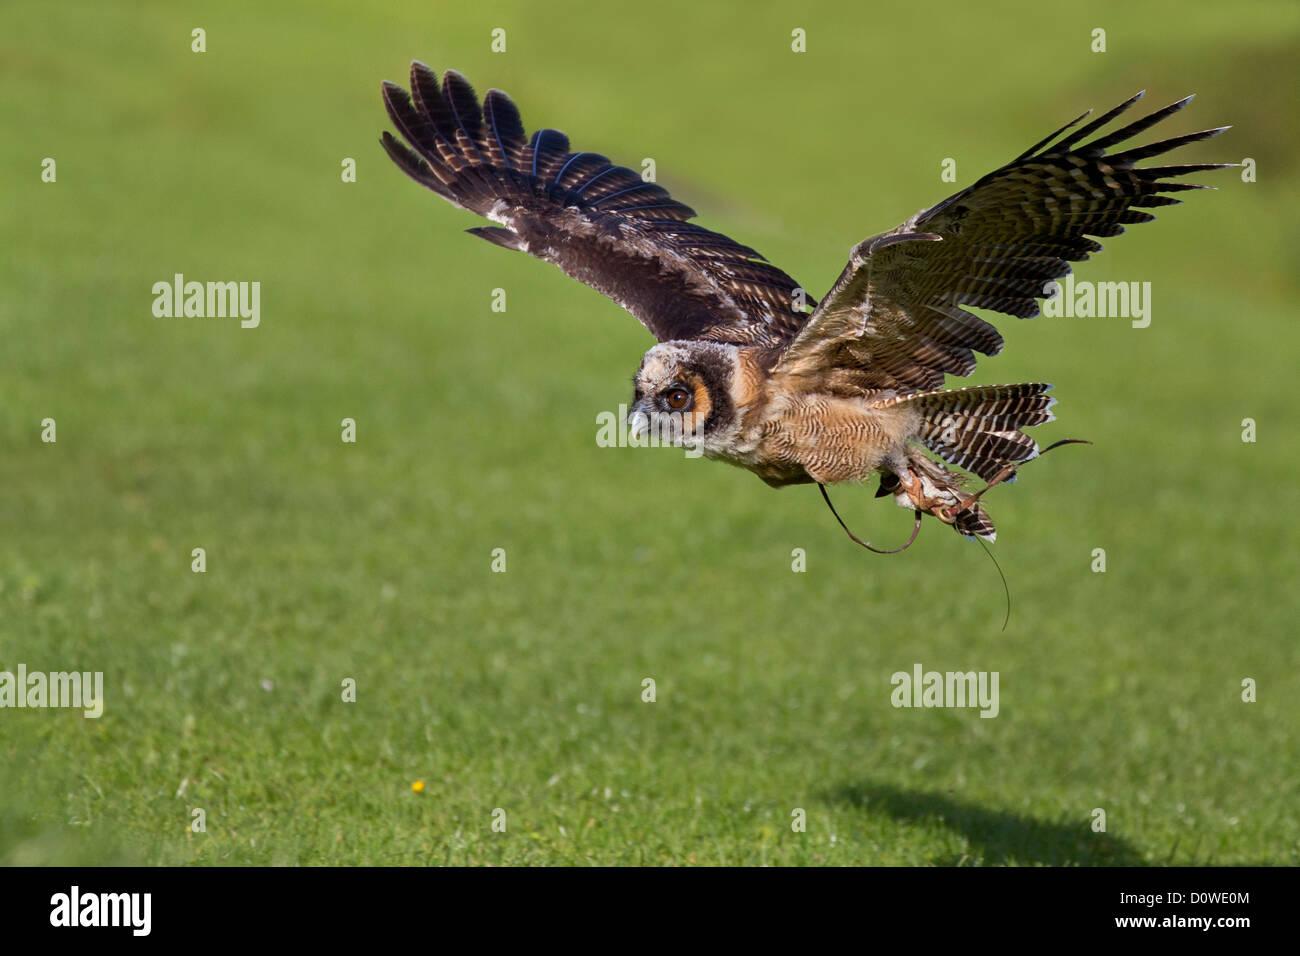 Asiatische braun Holz Eule im Flug Stockfoto